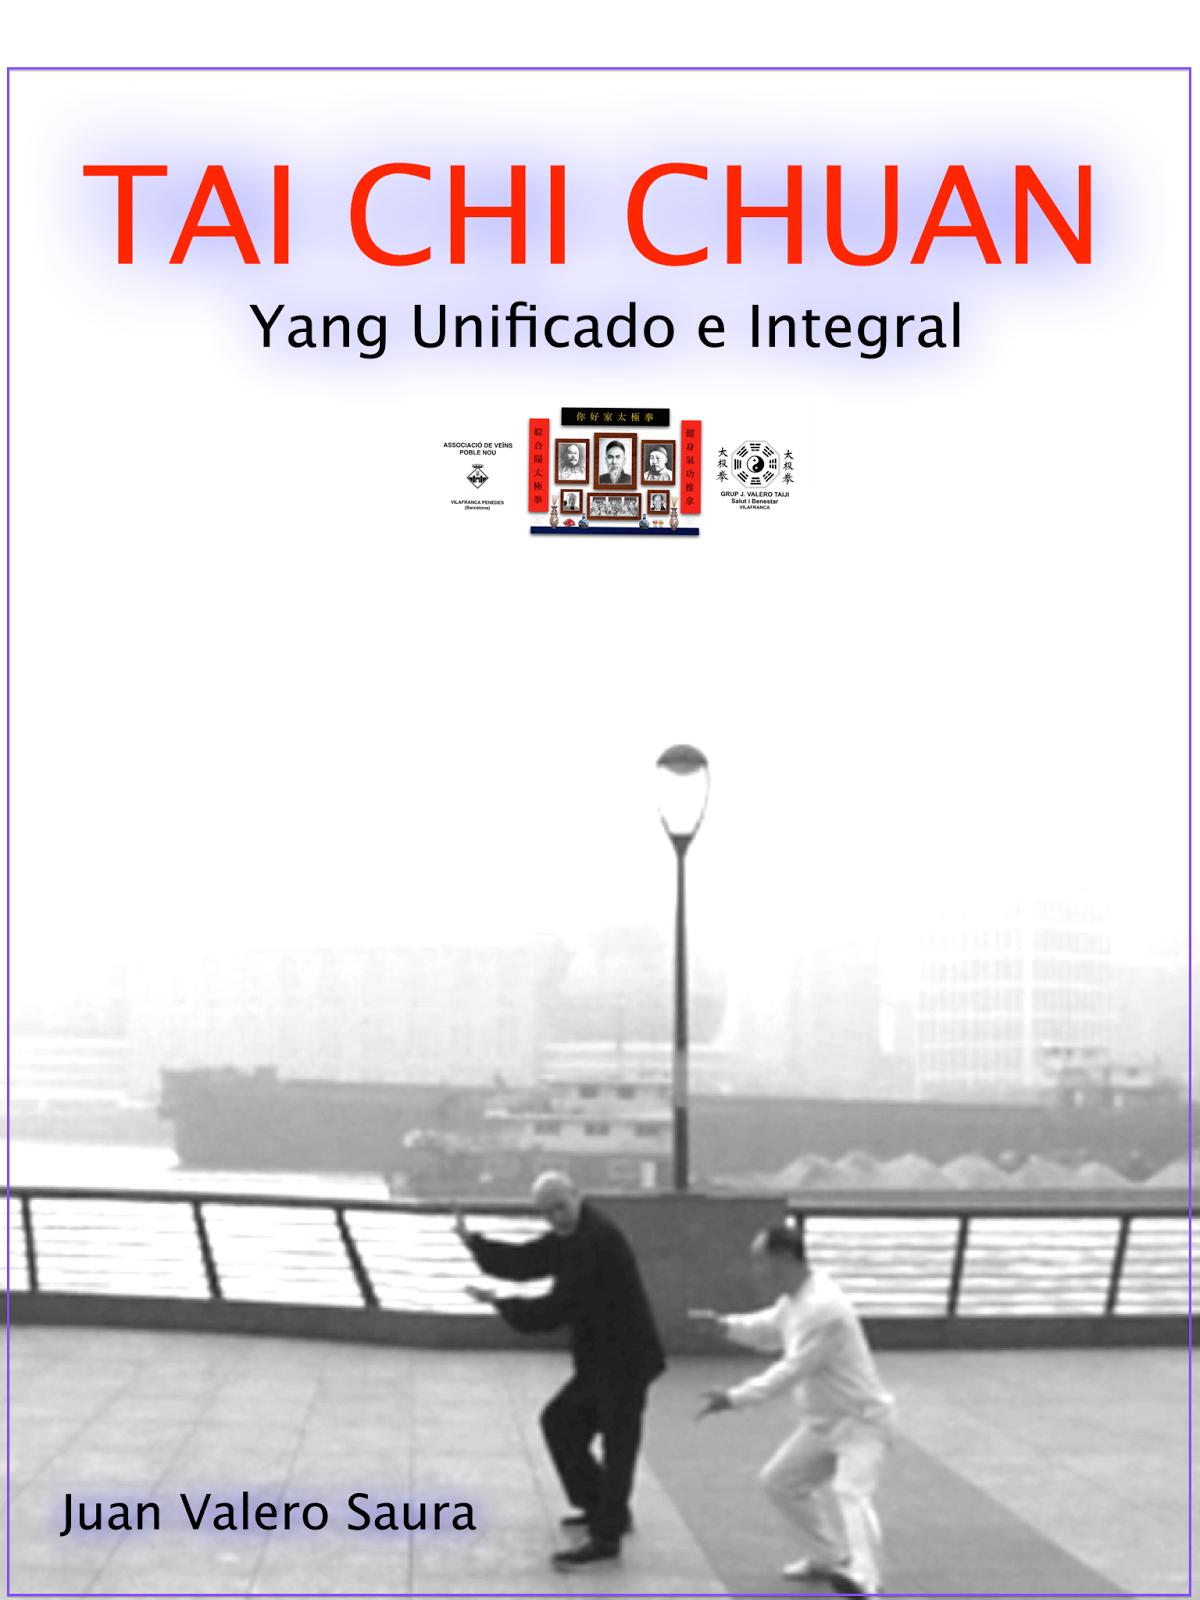 LIBRO DE TAI CHI CHUAN  Estilo Yang Unificado e Integral .